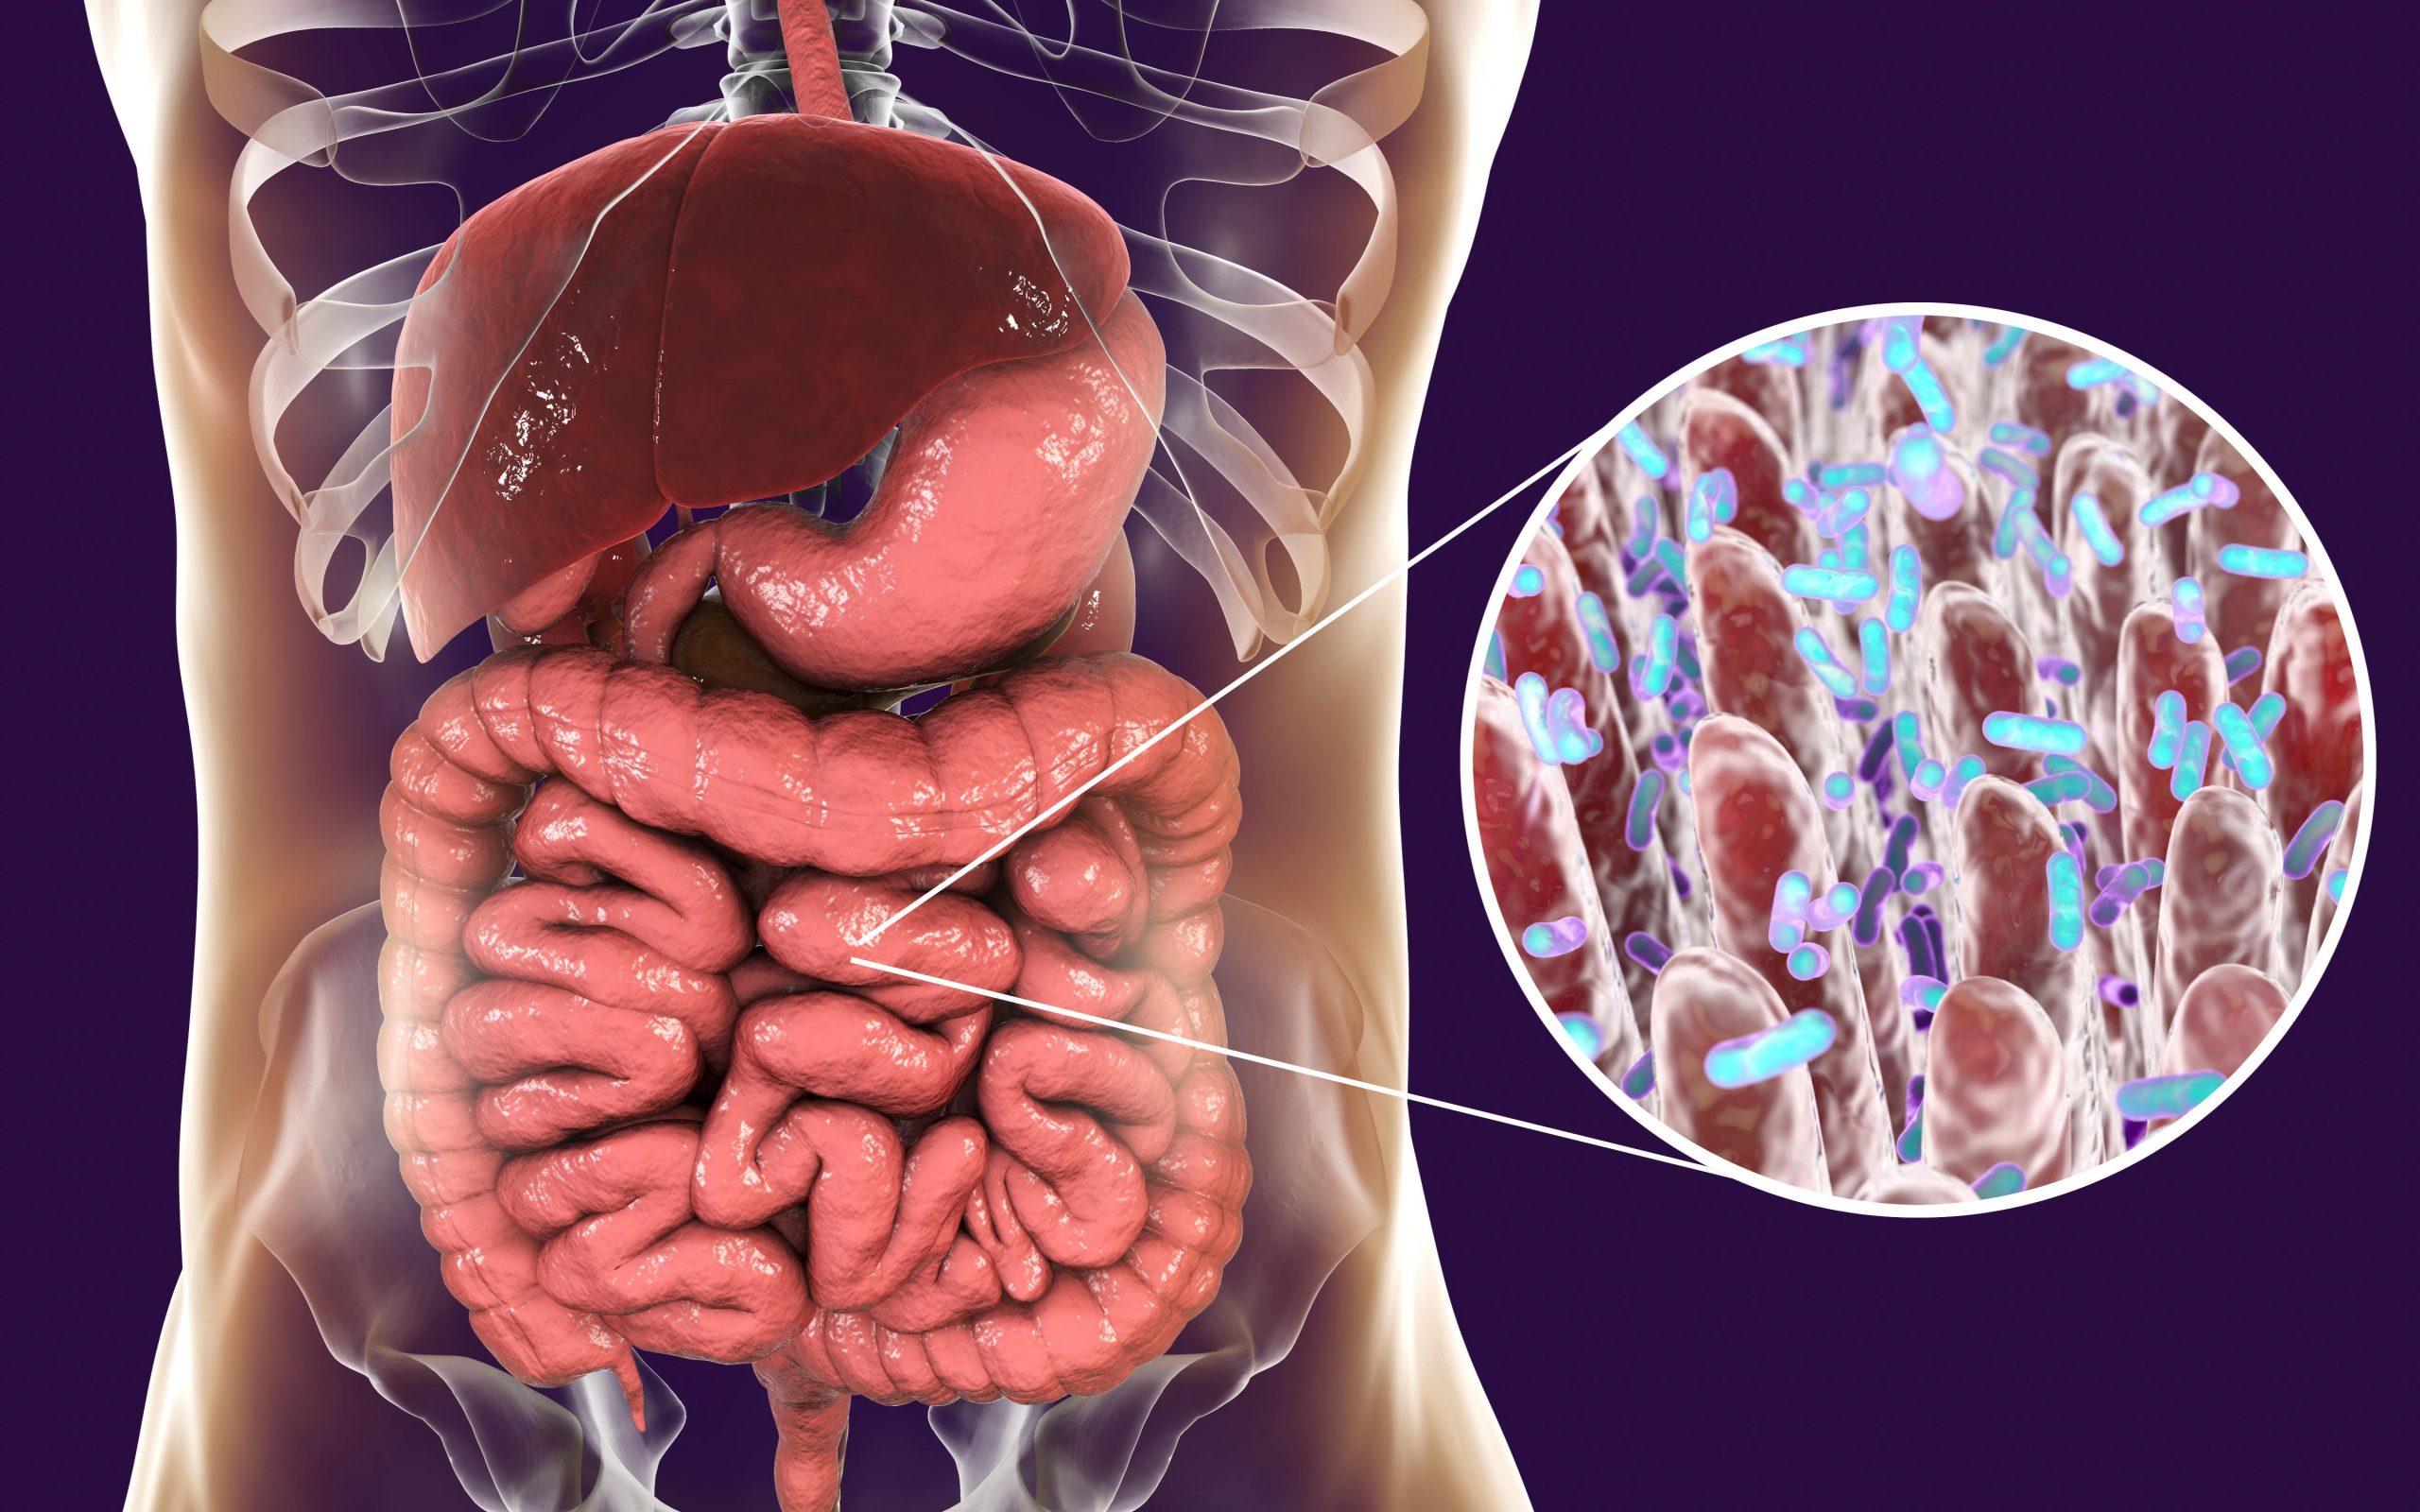 Gestörte Darmflora als Ursache für Histamin Intoleranz?